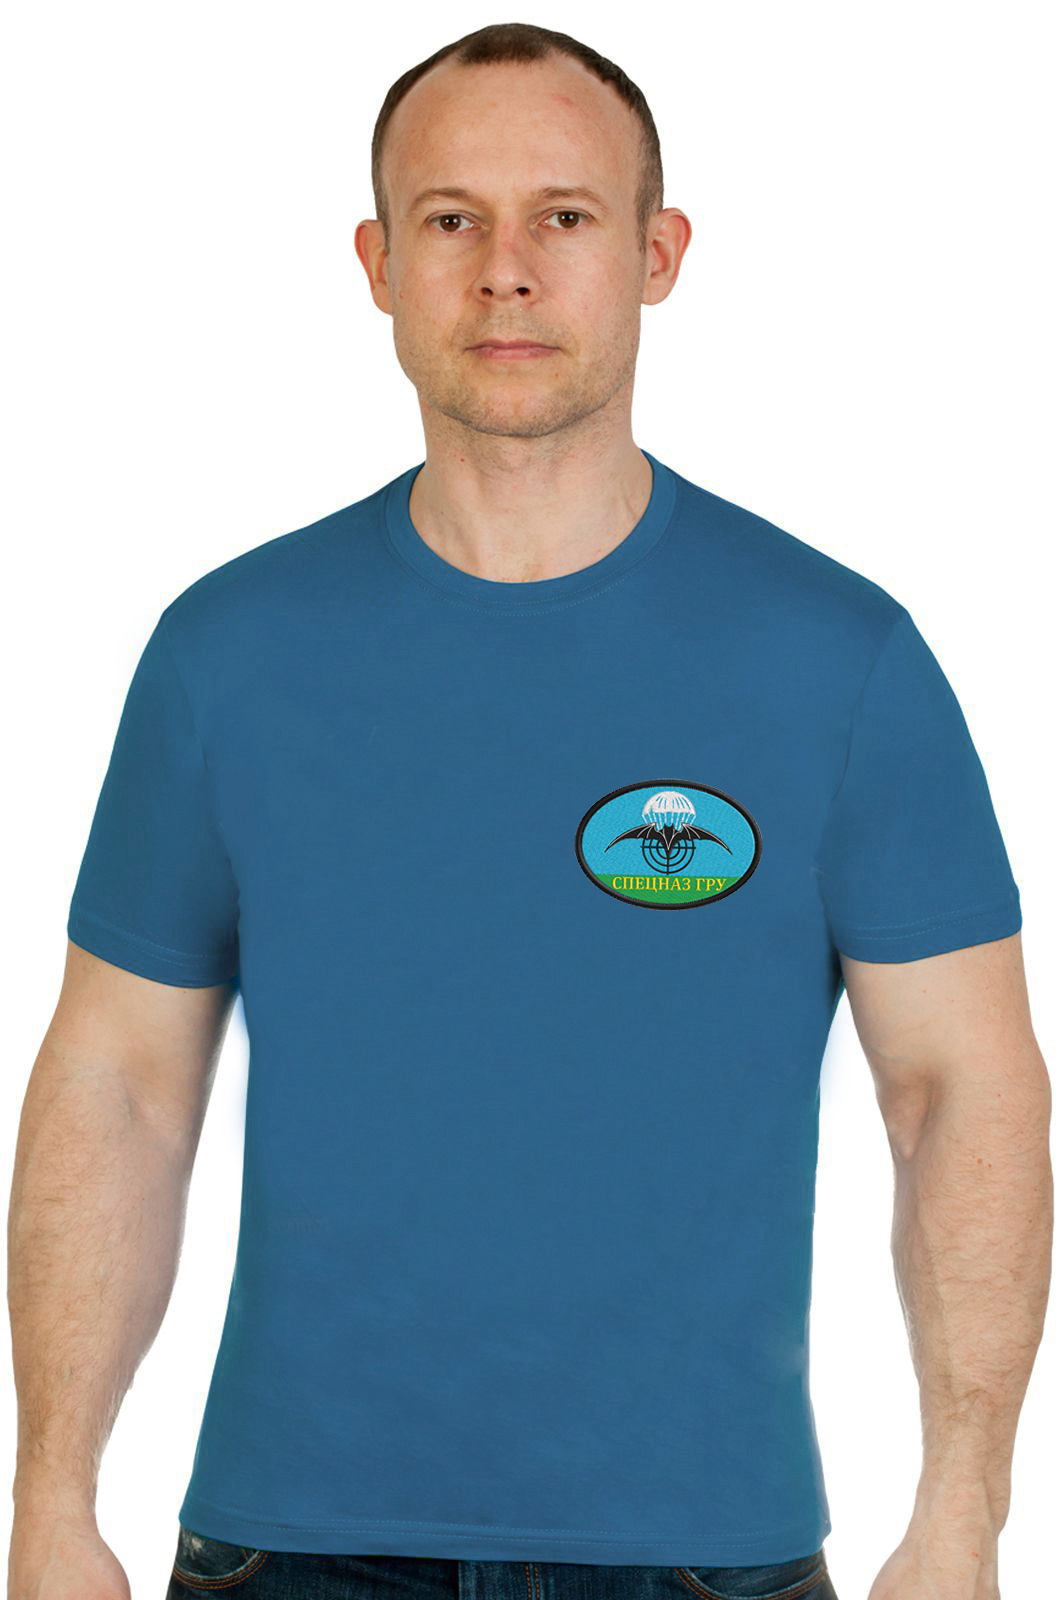 Купить оригинальную мужскую футболку с вышивкой Спецназ ГРУ в подарок любимому